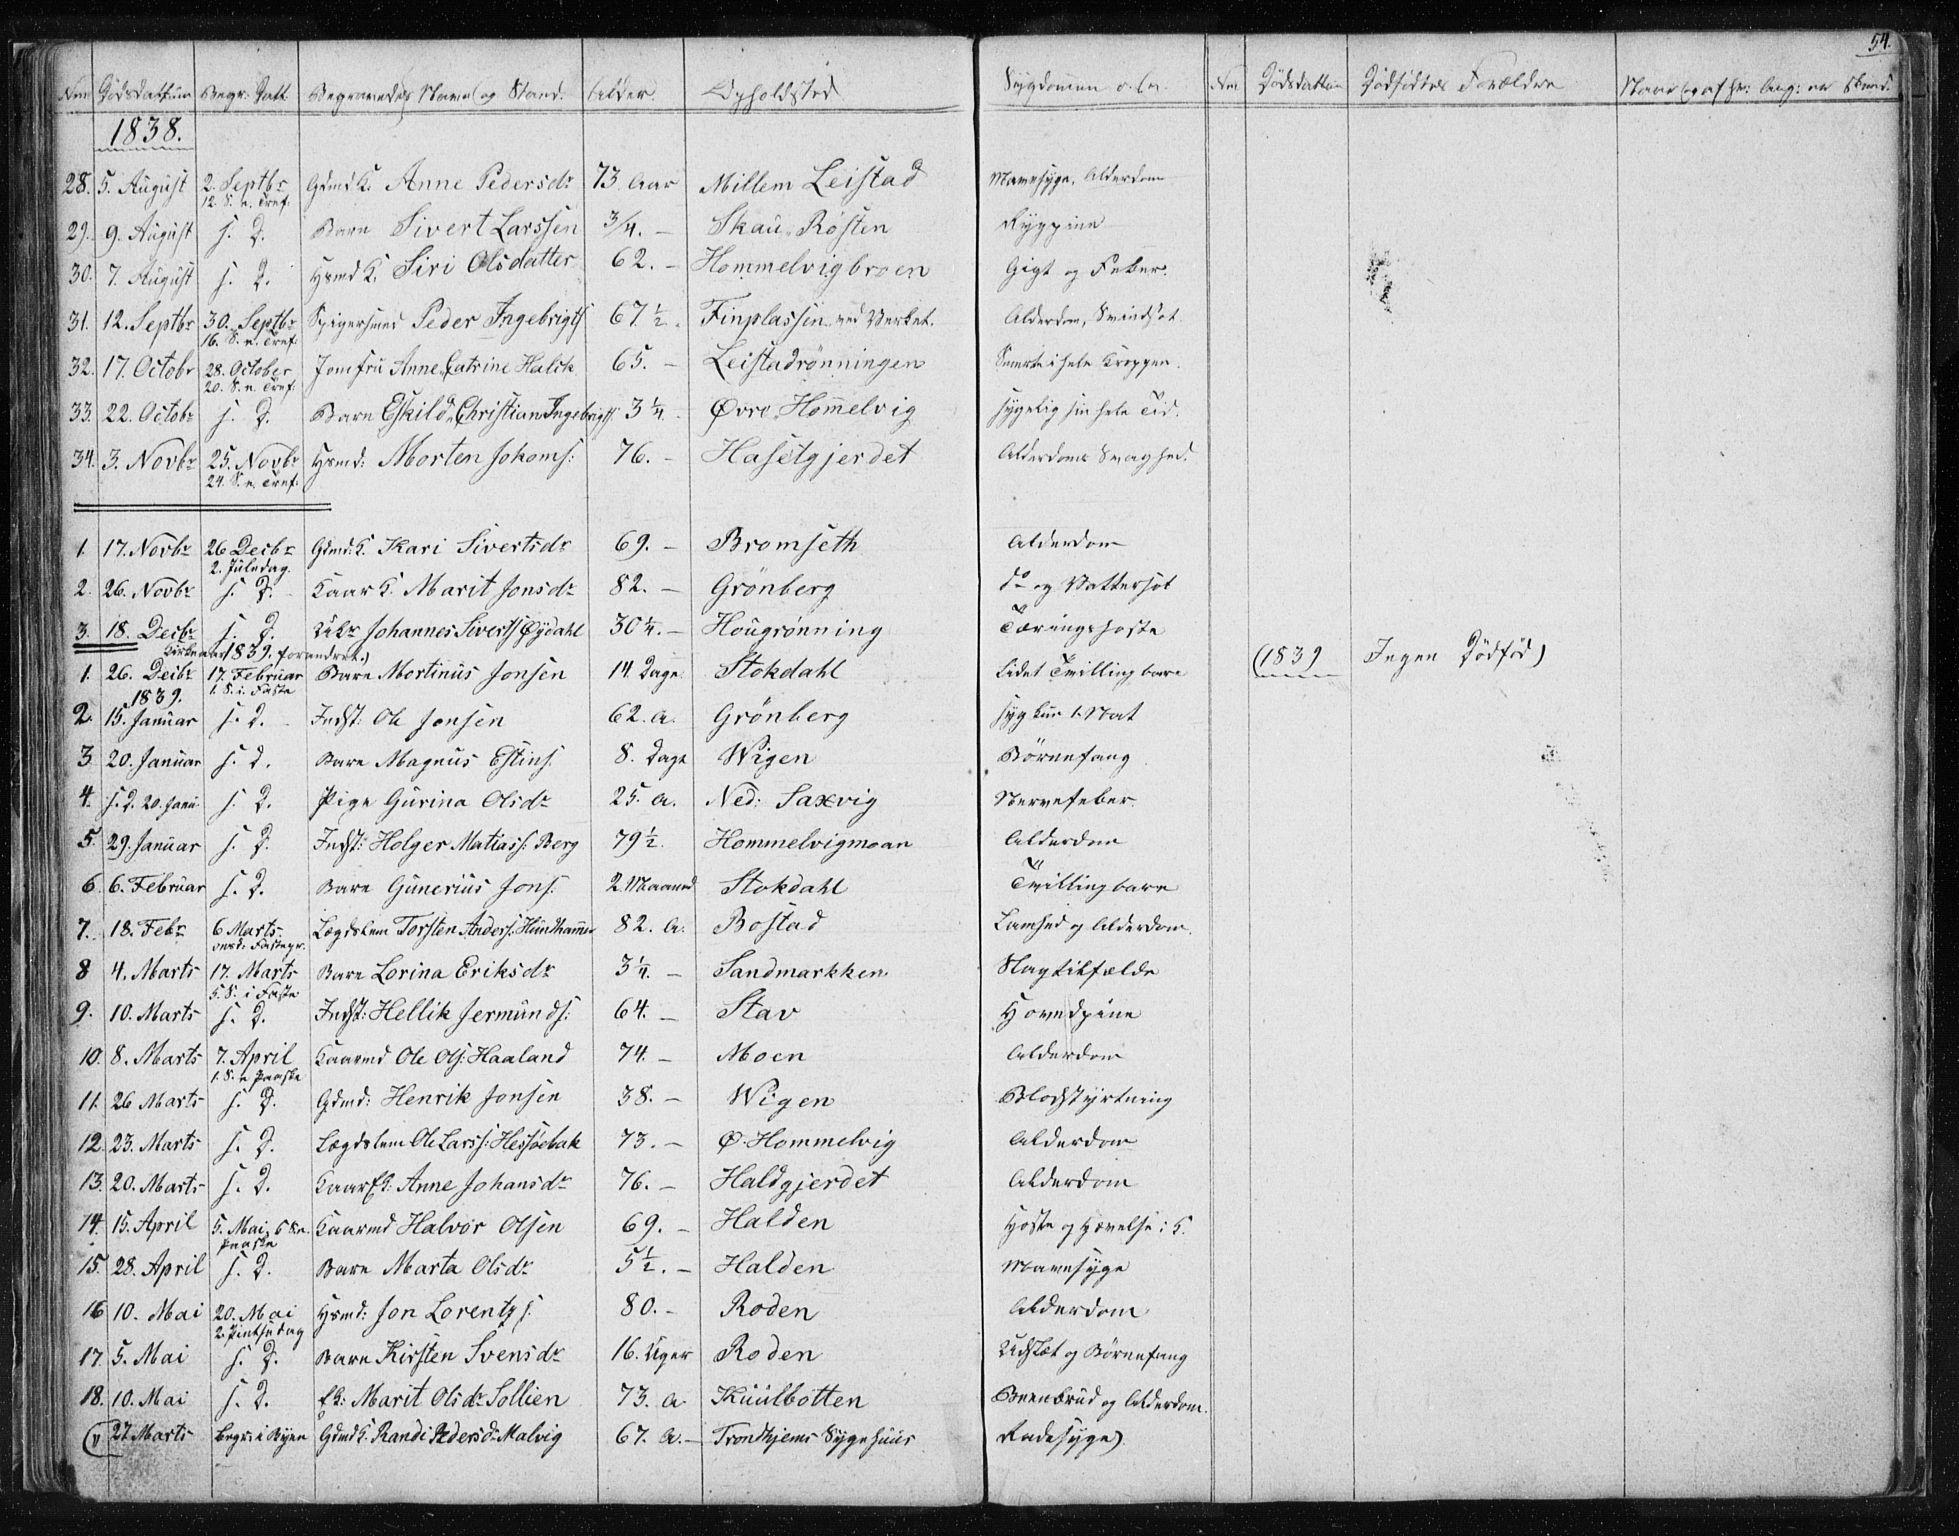 SAT, Ministerialprotokoller, klokkerbøker og fødselsregistre - Sør-Trøndelag, 616/L0405: Ministerialbok nr. 616A02, 1831-1842, s. 54